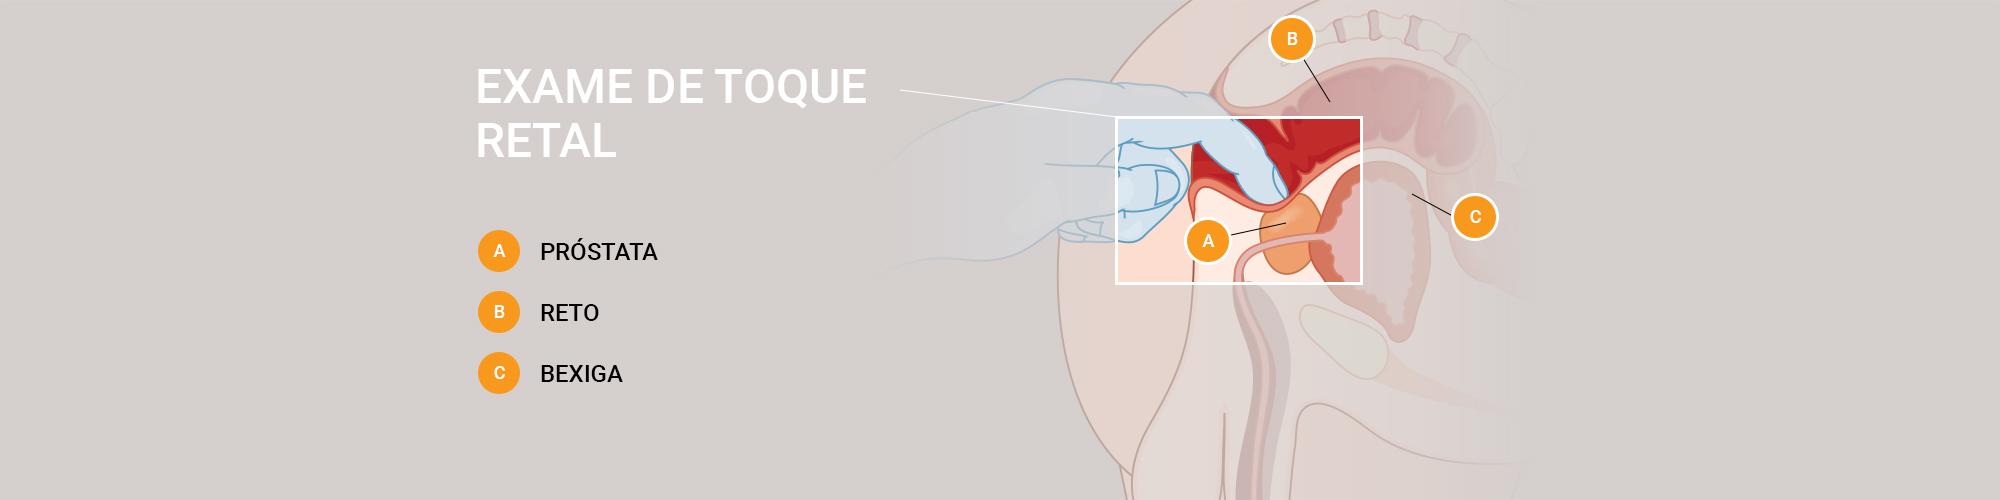 Exame de toque retal